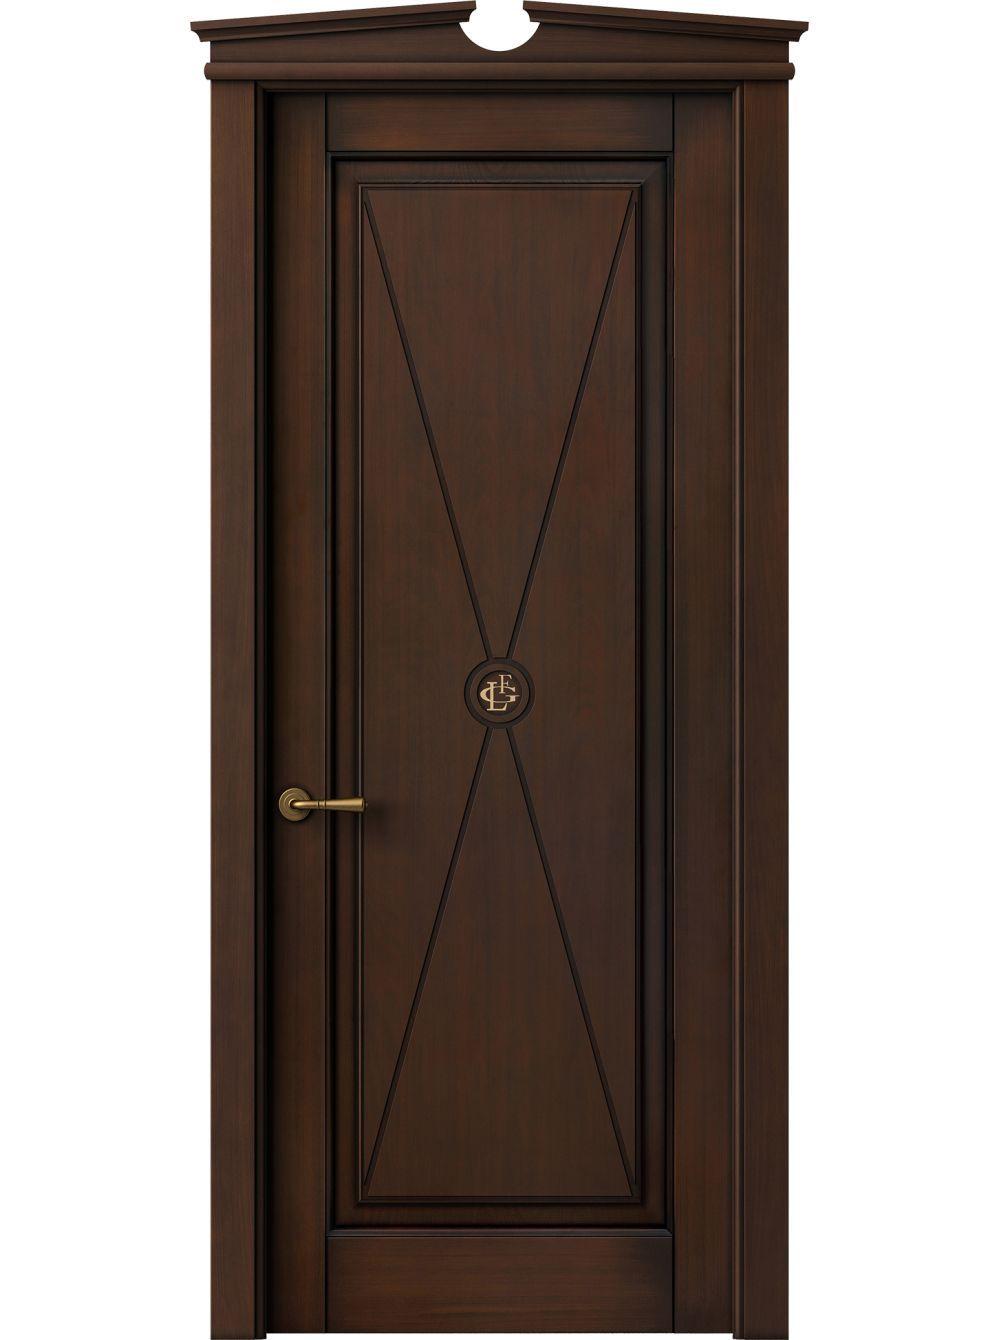 Interior Door tuscan interior doors pictures : Sarto Toscana Litera 6361 Interior Door Beech Dark Patina ...